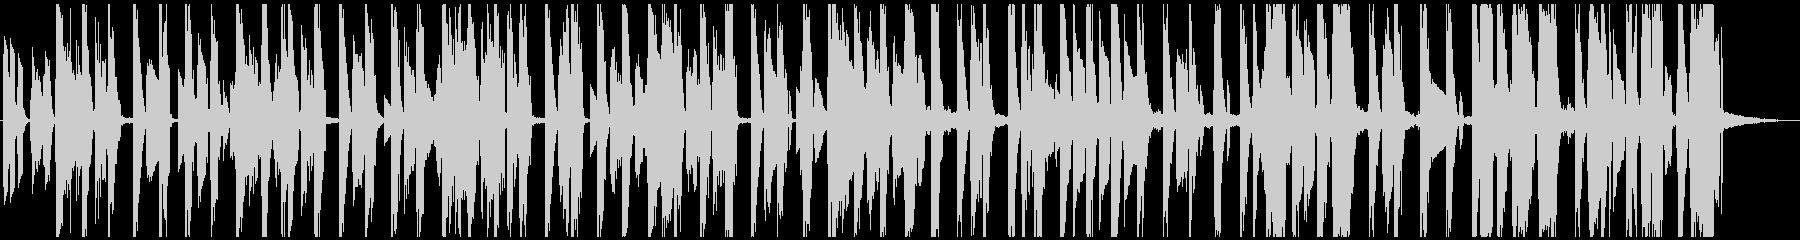 フュージョン ジャズ ファンク R...の未再生の波形